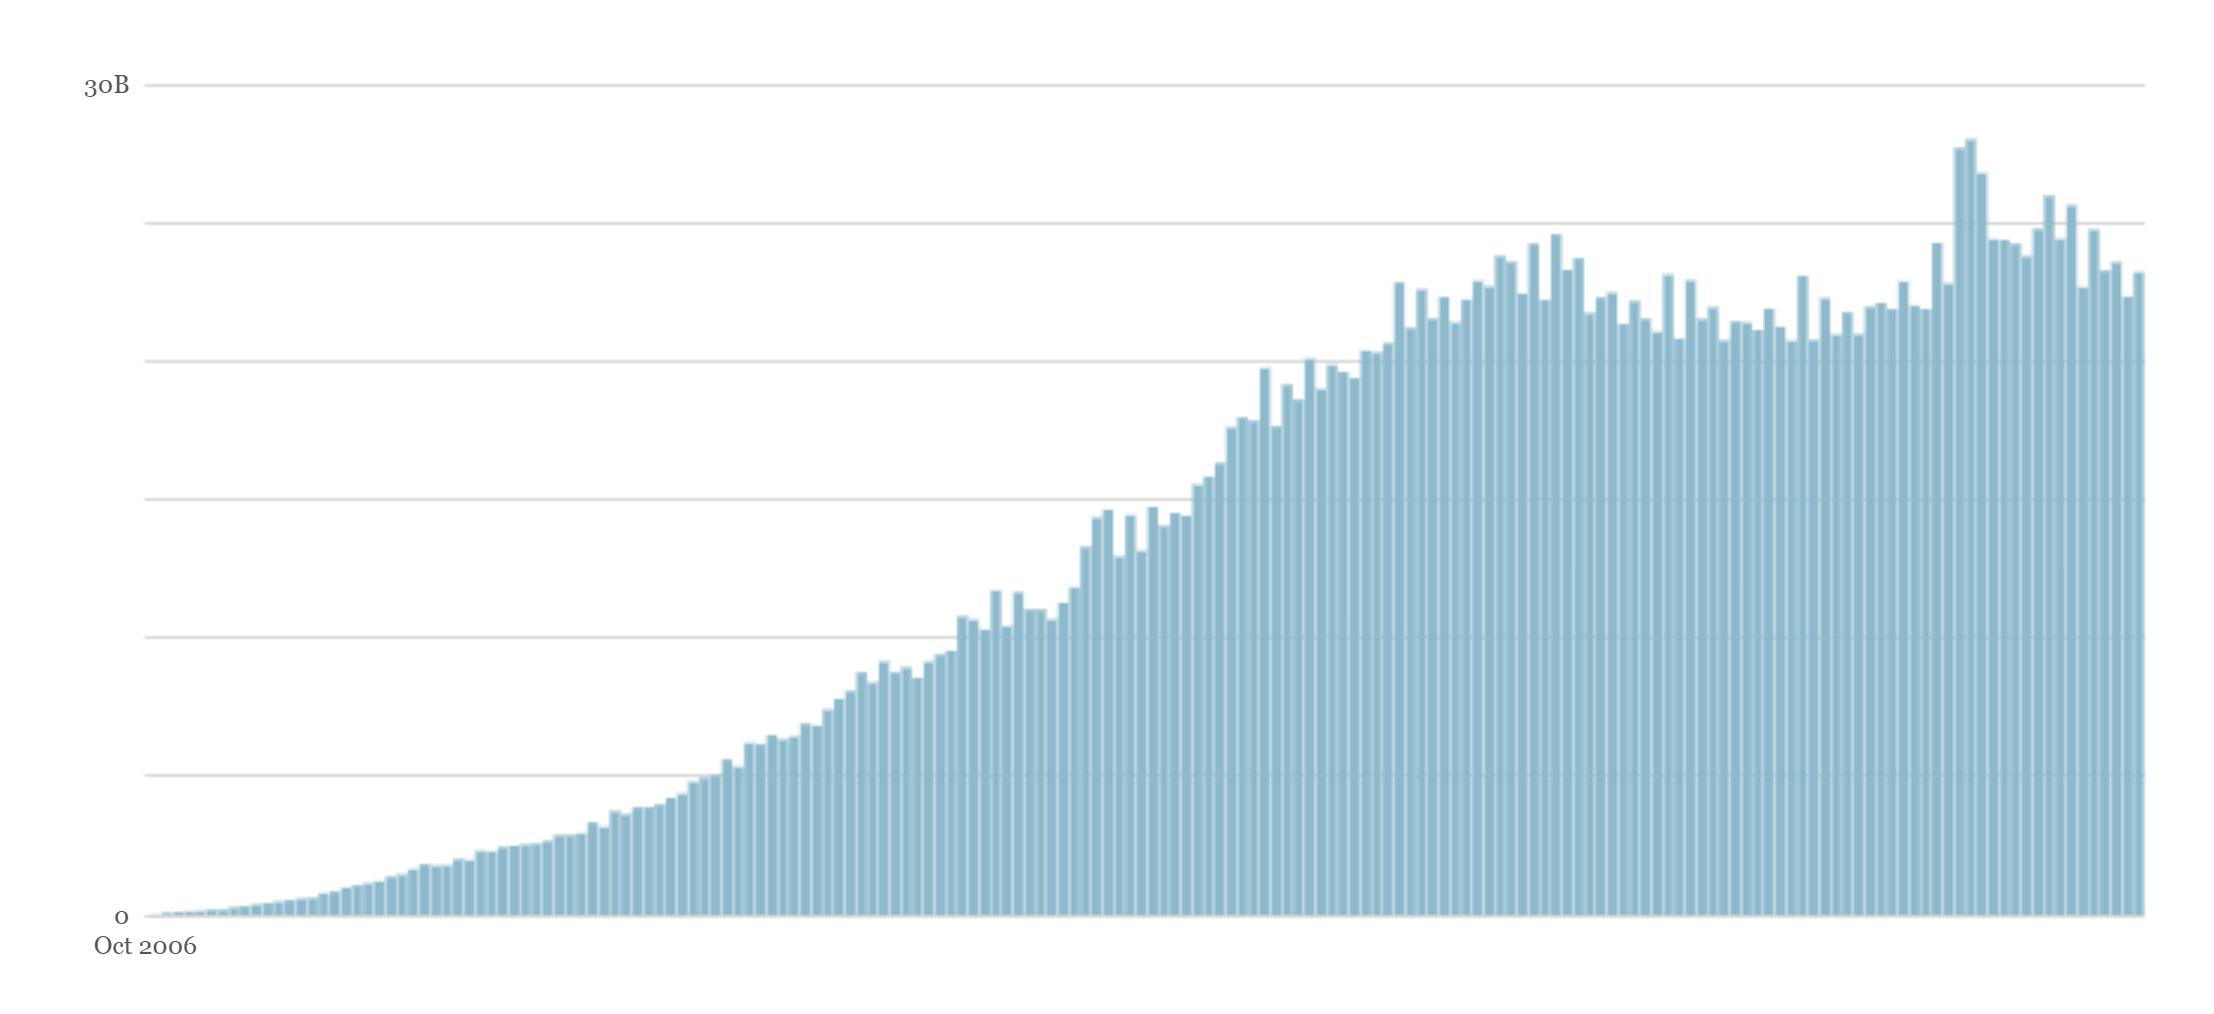 Wordpress traffic